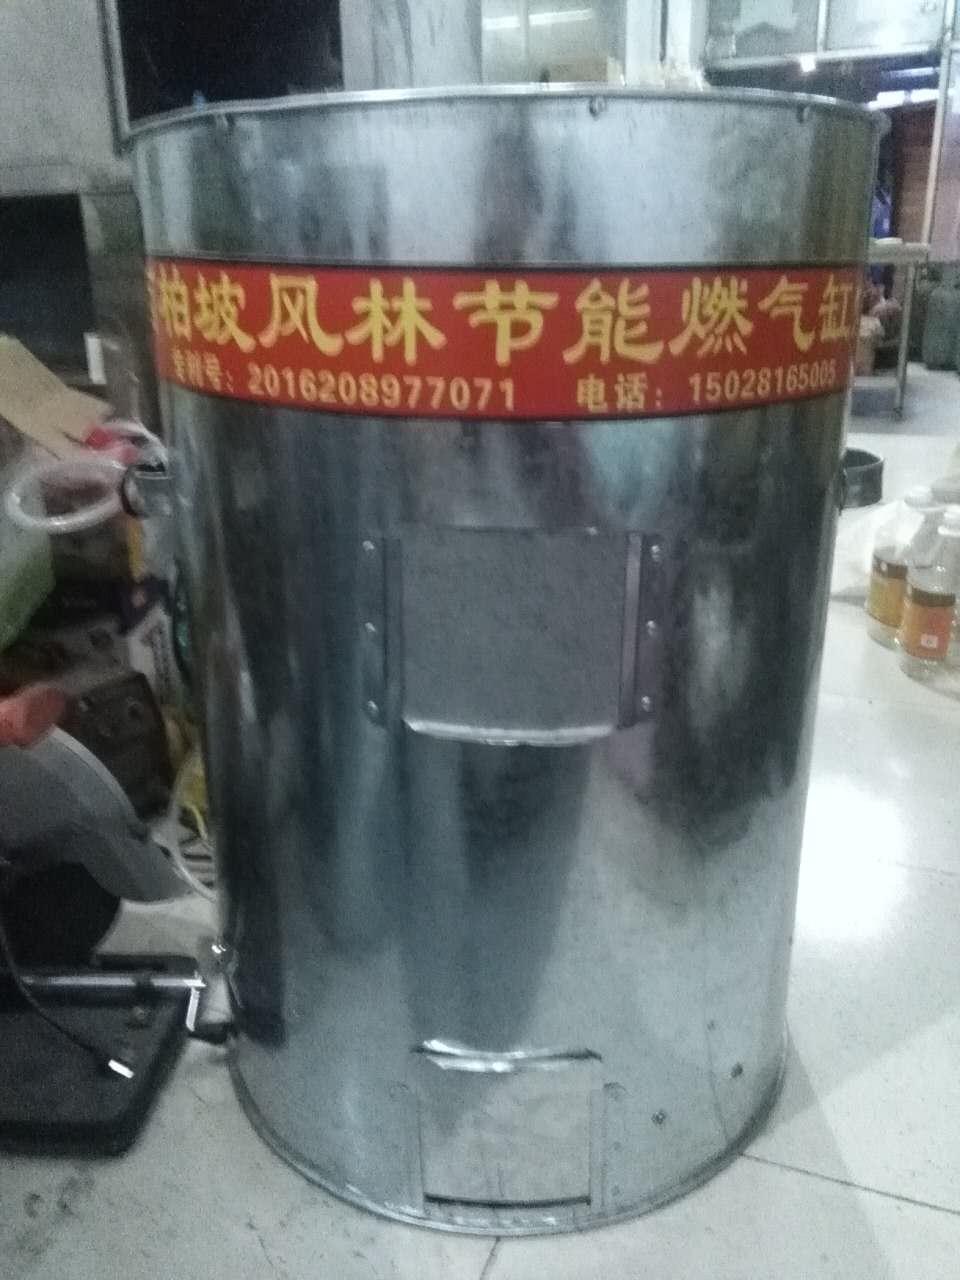 节能缸炉 (11),缸炉烧饼炉,缸炉烧饼炉子,石家庄缸炉烧饼图片